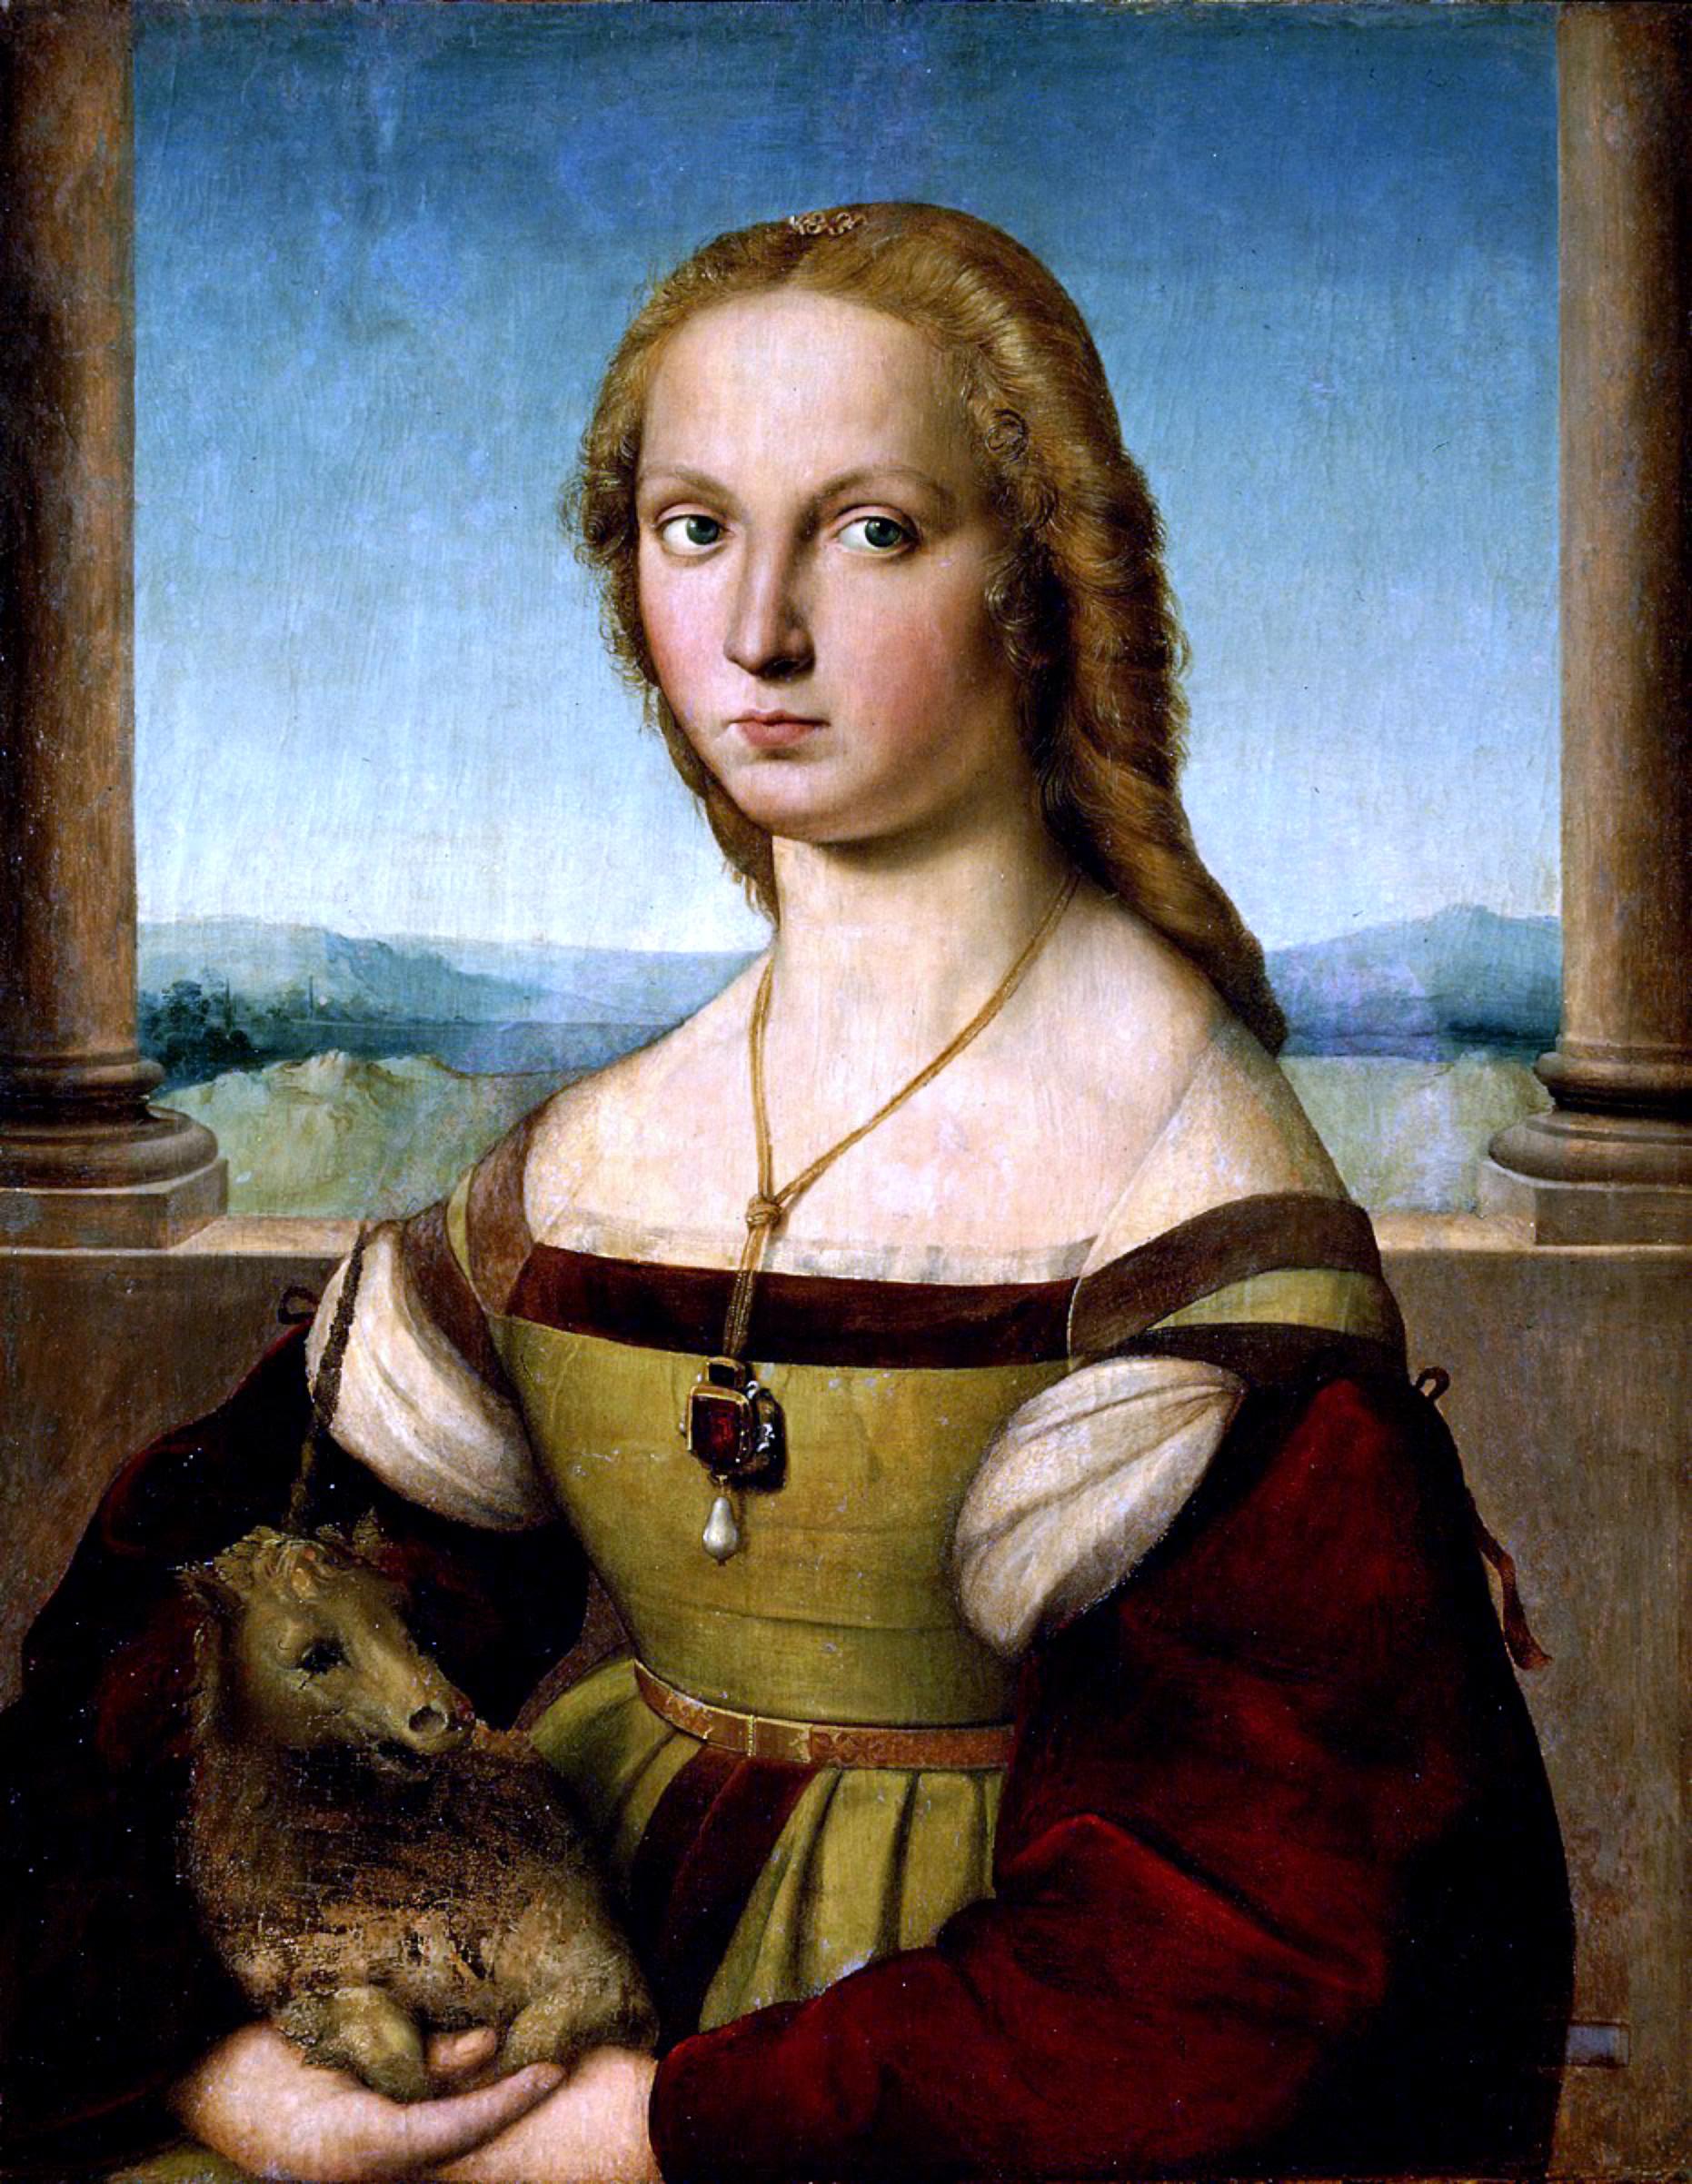 http://upload.wikimedia.org/wikipedia/commons/8/87/Lady_with_unicorn_by_Rafael_Santi.jpg